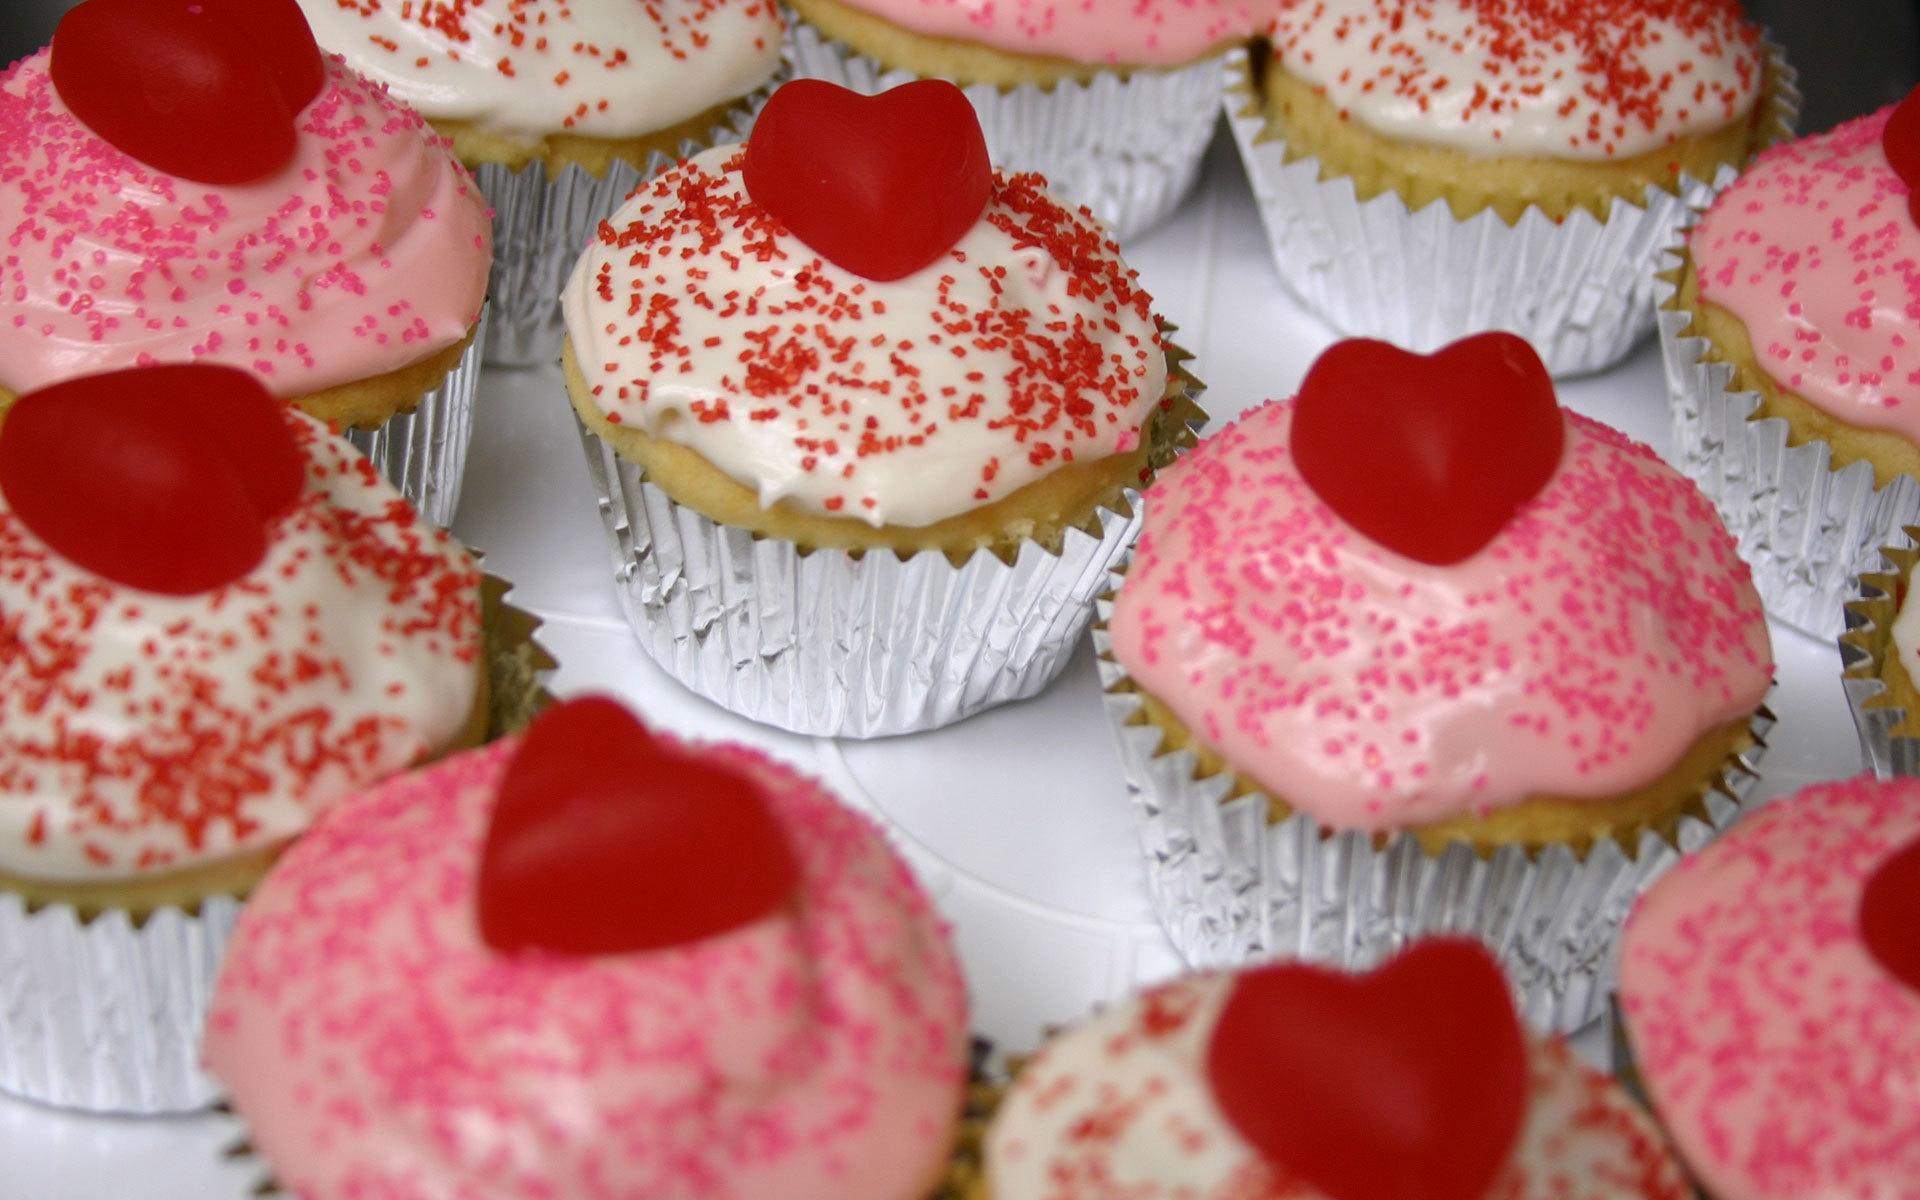 Lebensmittel Herz Erdbeeren Kuchen Cupcakes Valentinstag Rosa Dessert  Backen Glasur Erdbeere Süße Produzieren Cupcake Fudge Buttercreme